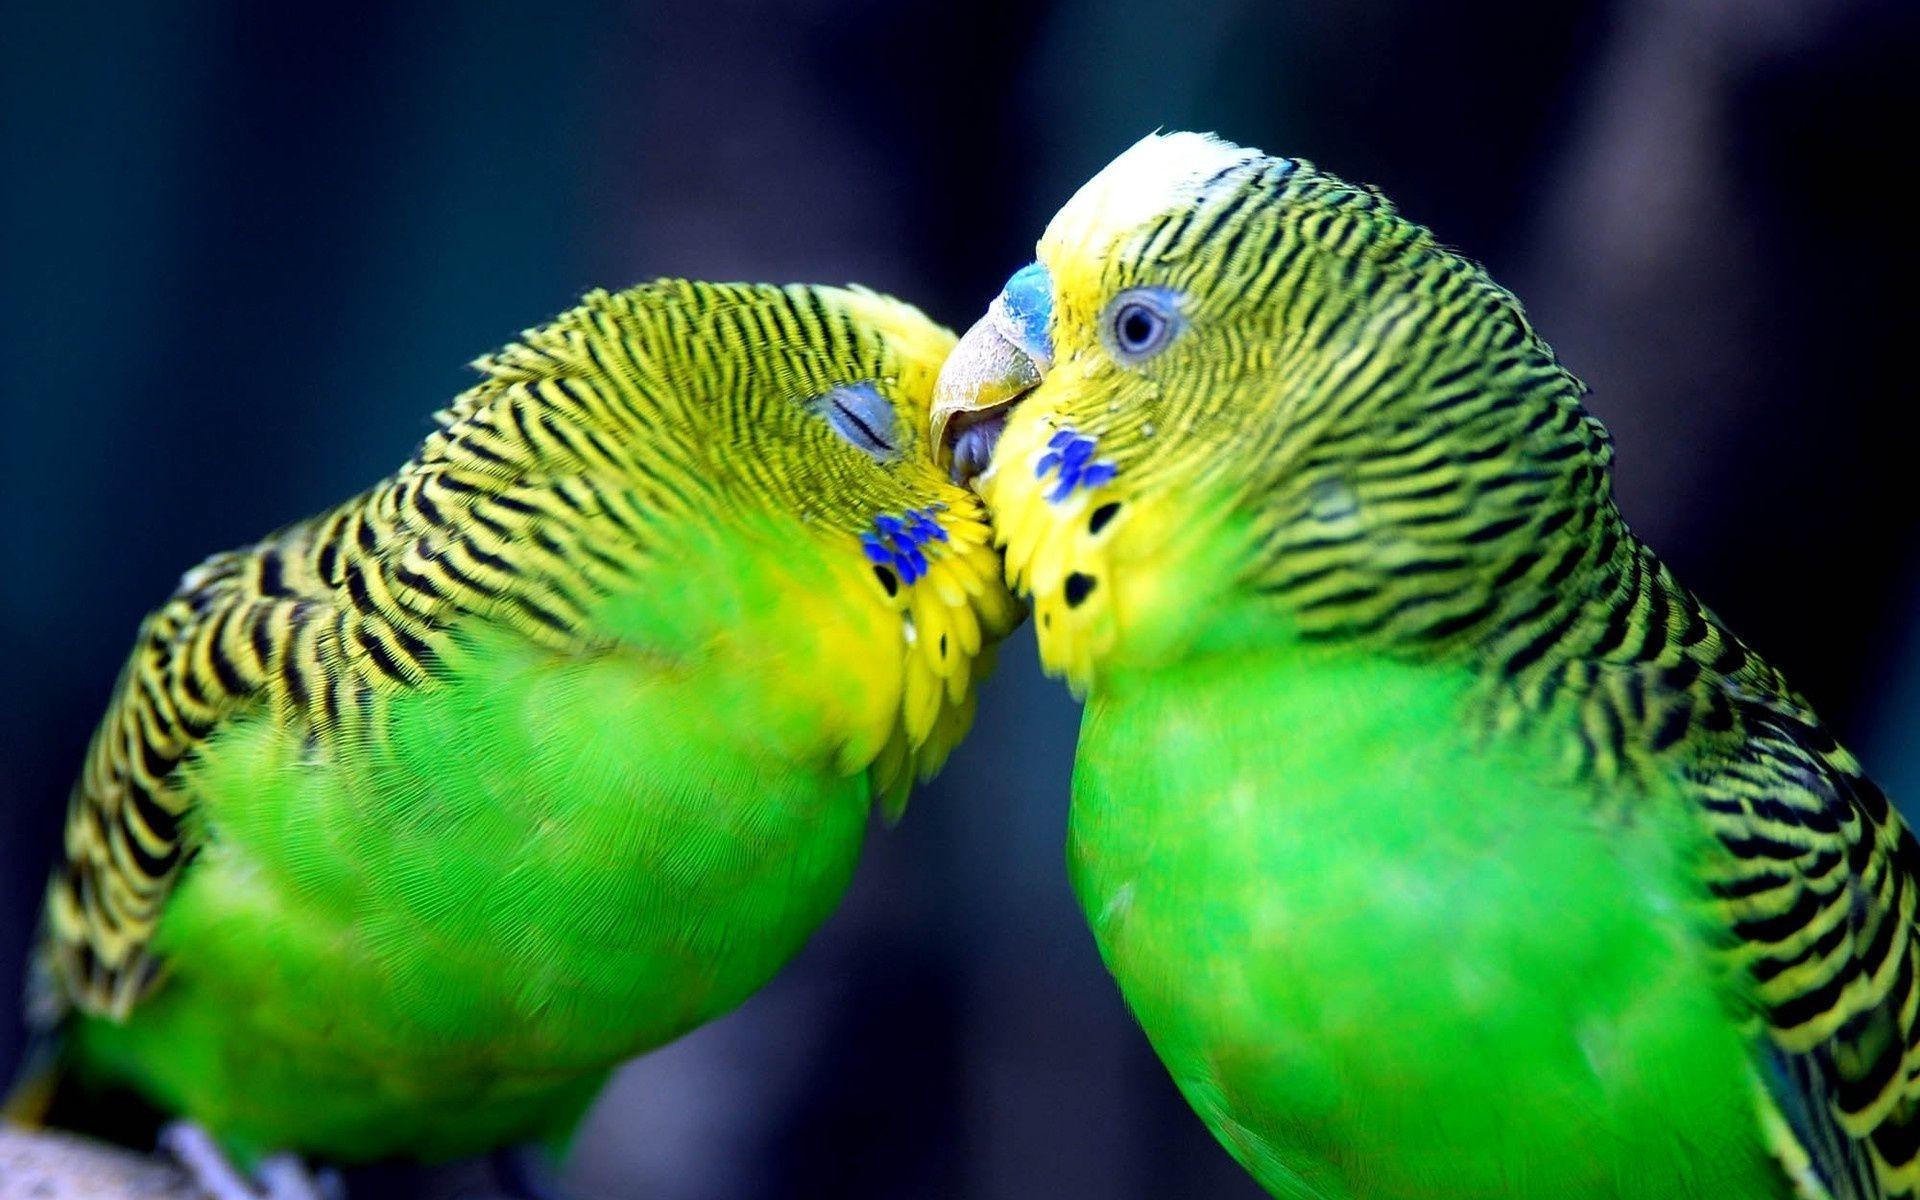 чешет другого попугая